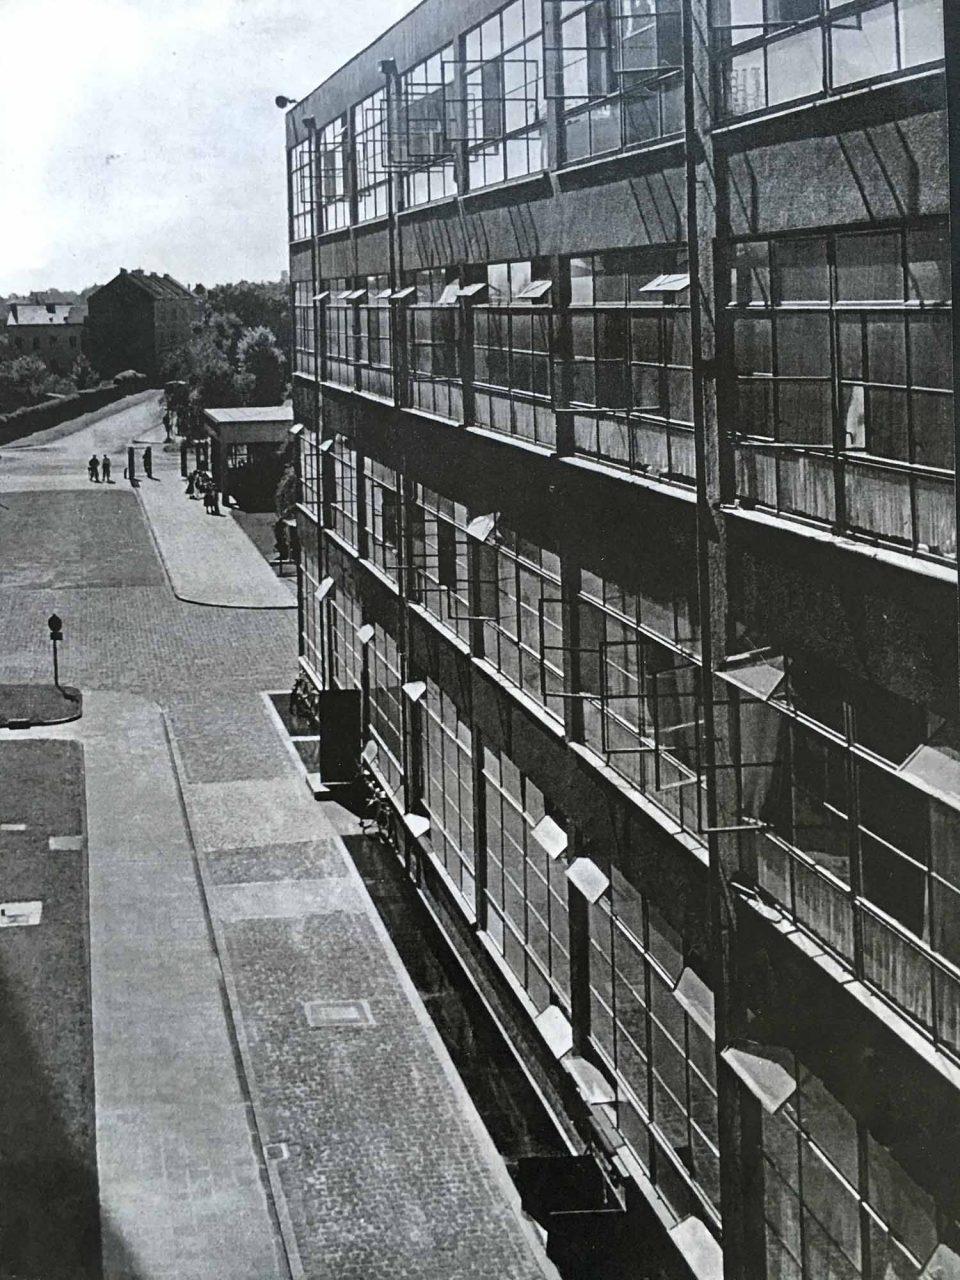 Verseidag. Historische Aufnahme des HE-Gebäudes